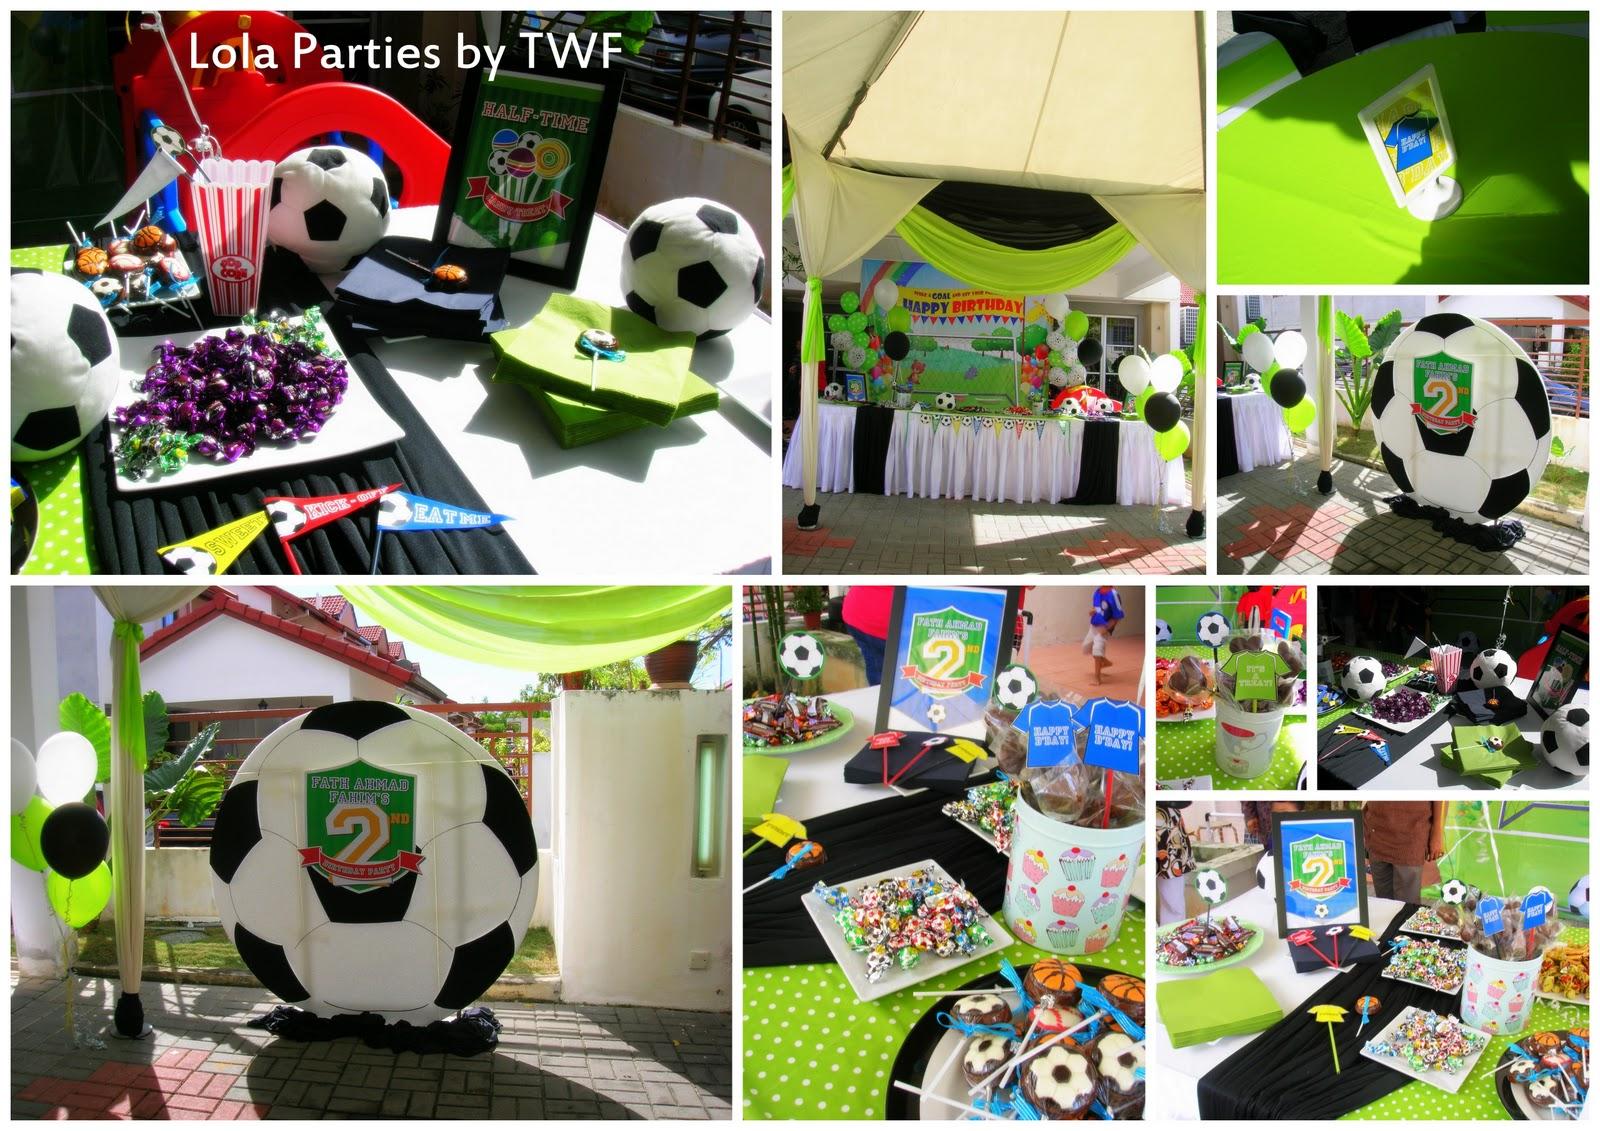 Soccer Themed Wedding Ideas: The Wedding Fairies: Soccer Theme Birthday Party